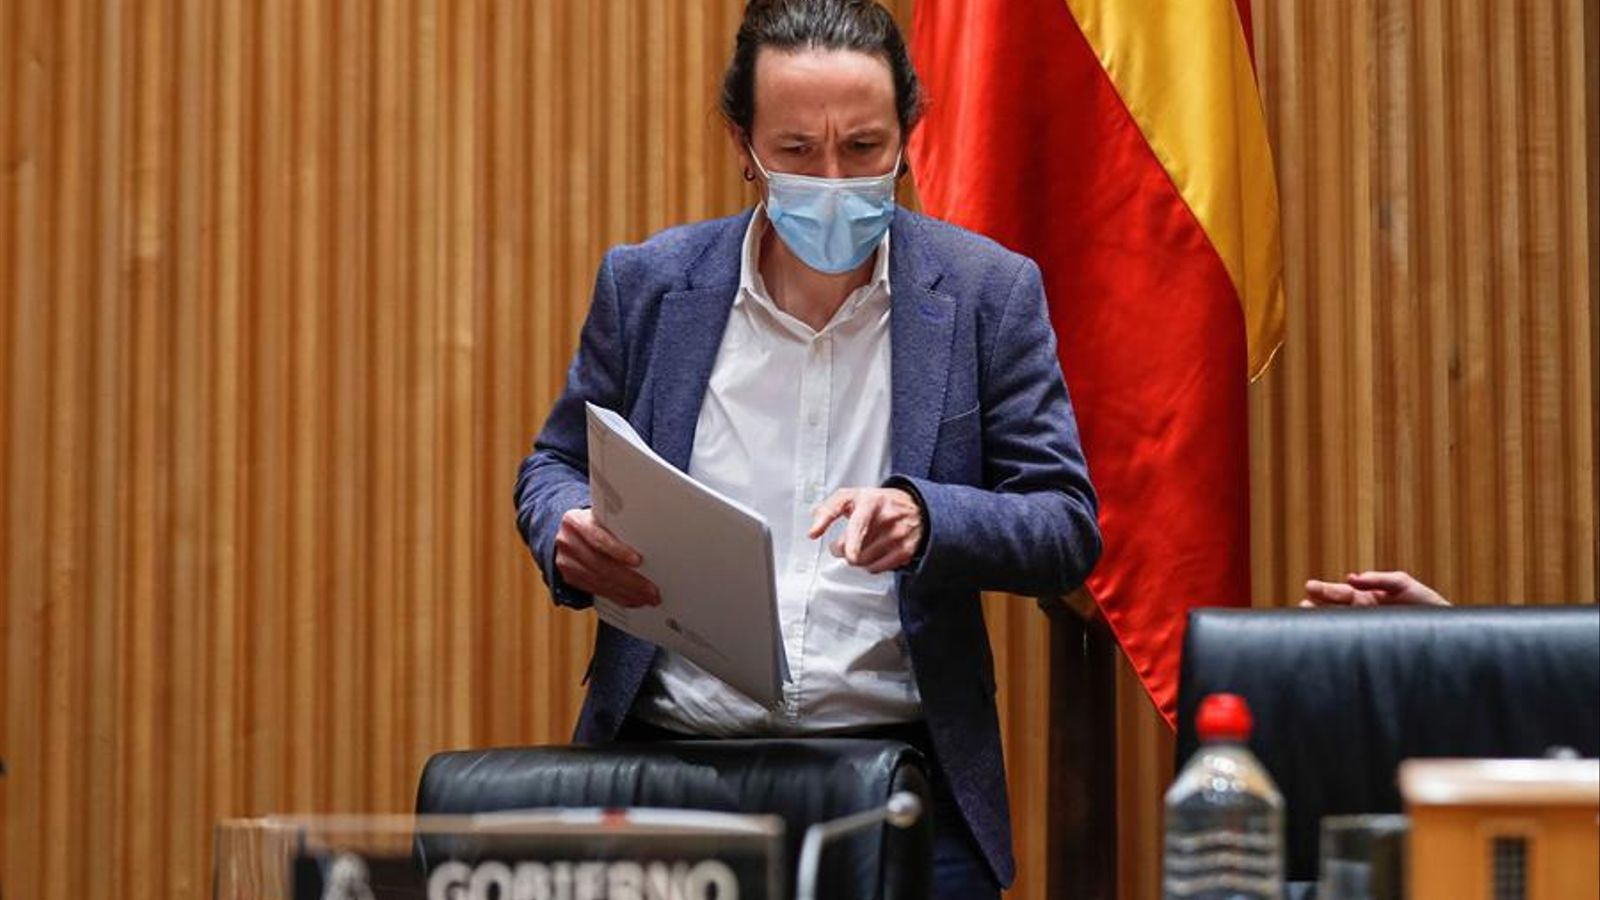 El vicepresident segon del govern espanyol, Pablo Iglesias, en comissió